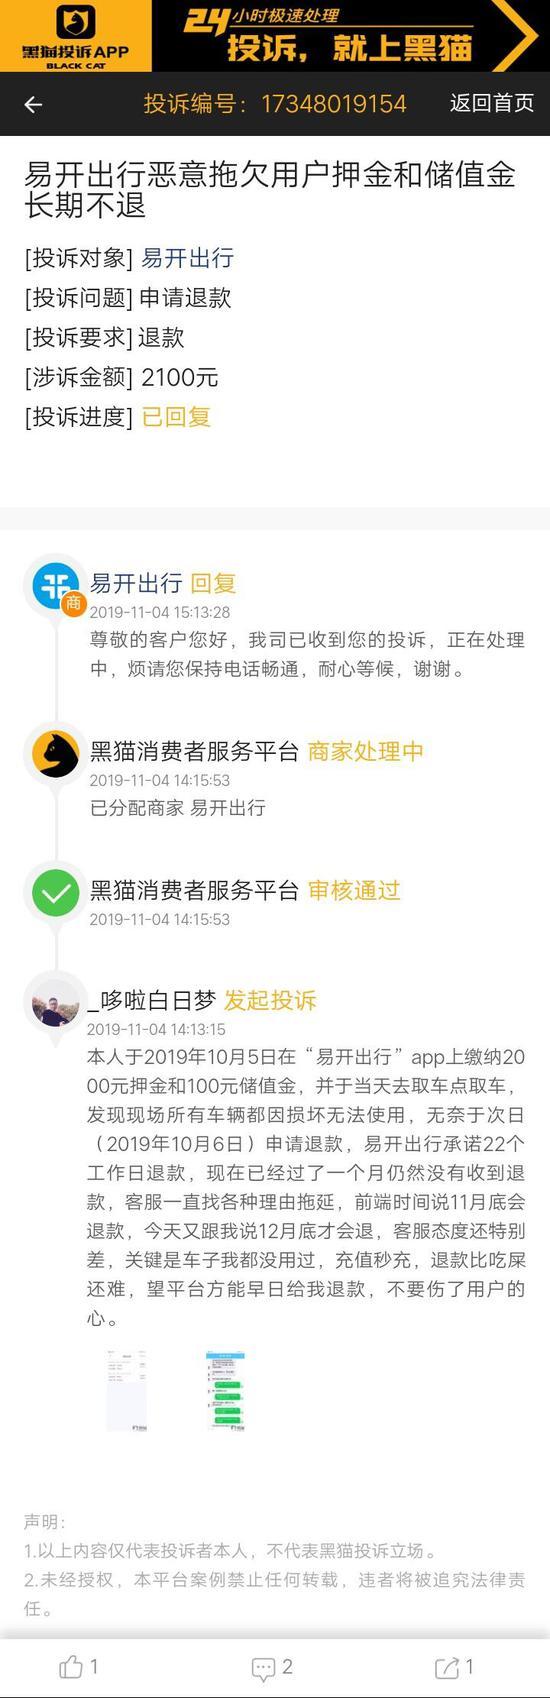 网友投诉易开出行拖欠押金 客服已回复